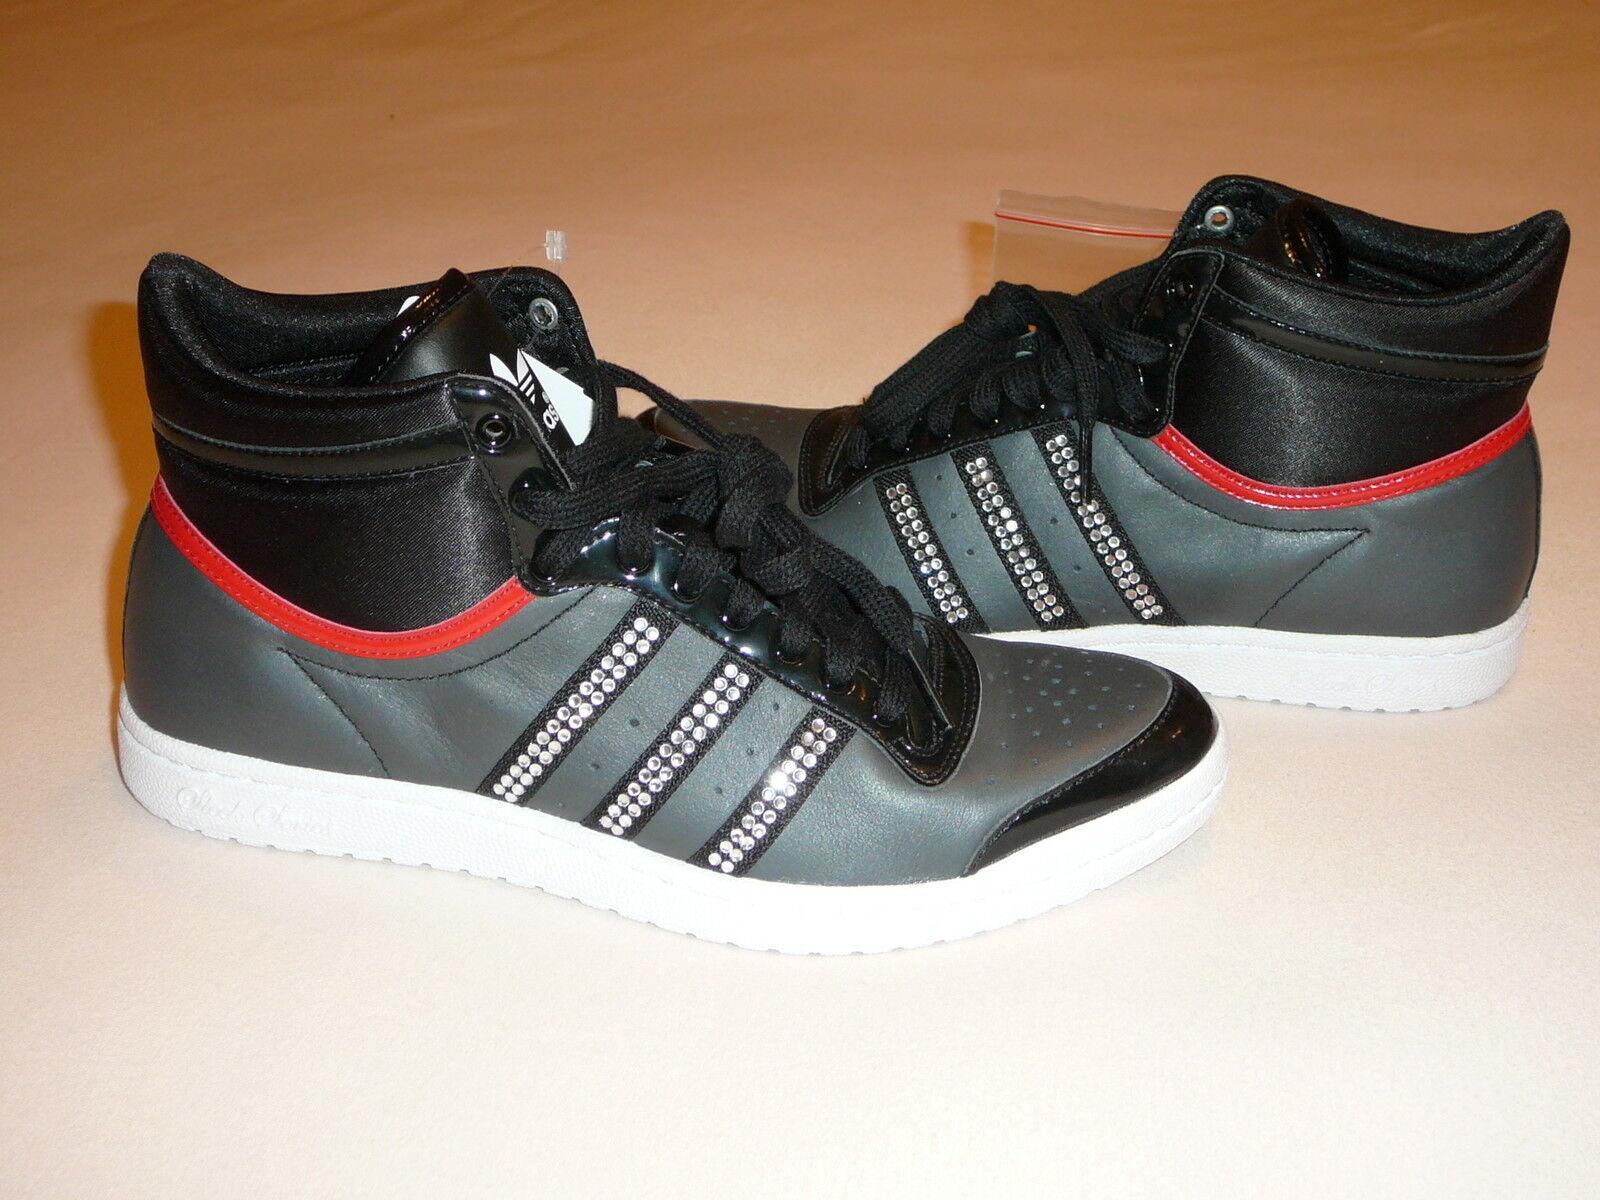 Adidas TOP TEN HI SLEEK SERIES SNEAKER ORIGINALS WOMEN'S v22622